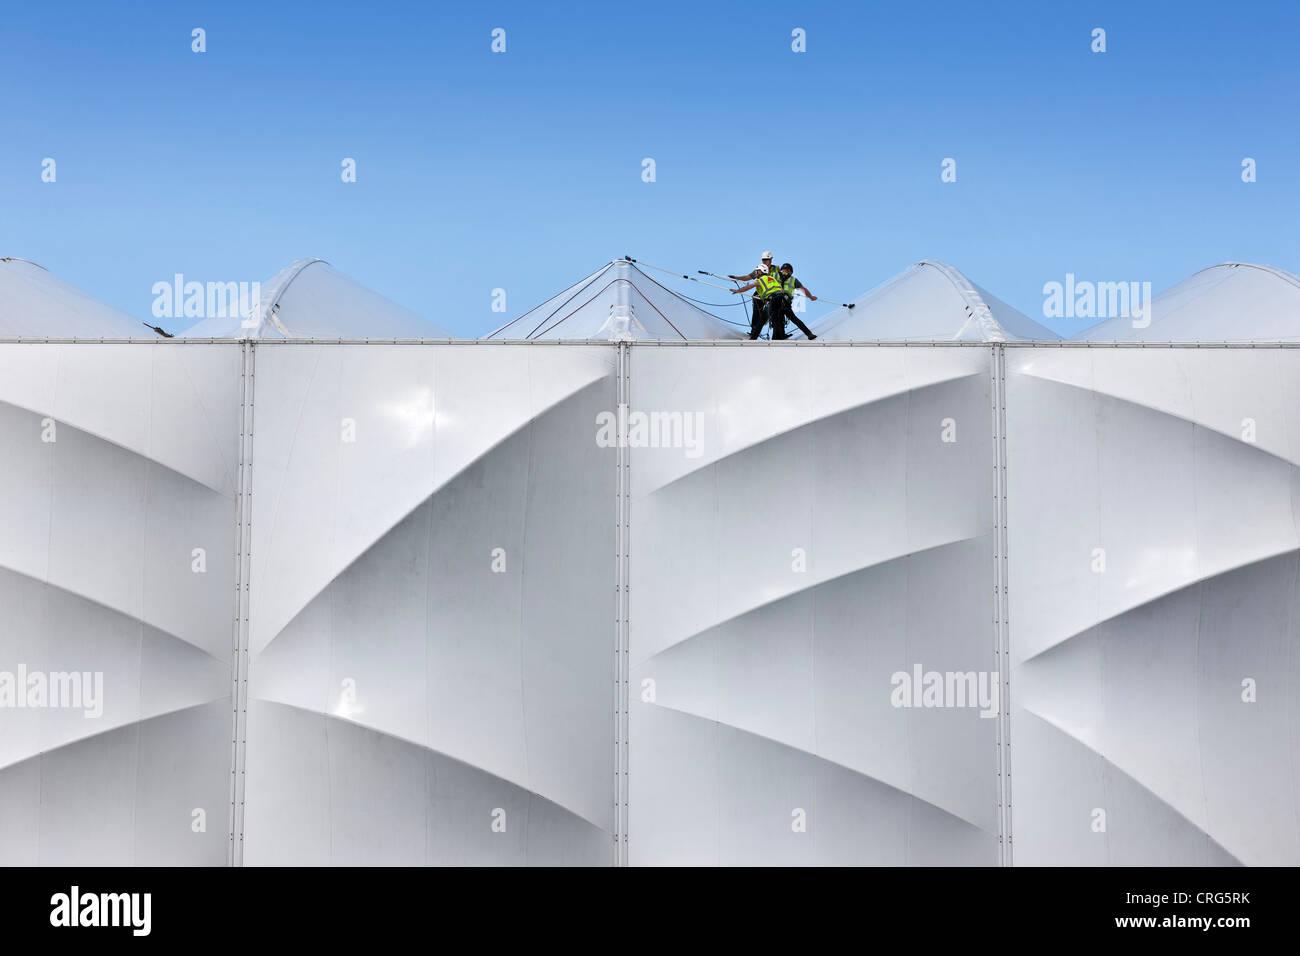 Los trabajadores de la construcción de la limpieza de la arena de baloncesto en el Parque Olímpico de Imagen De Stock